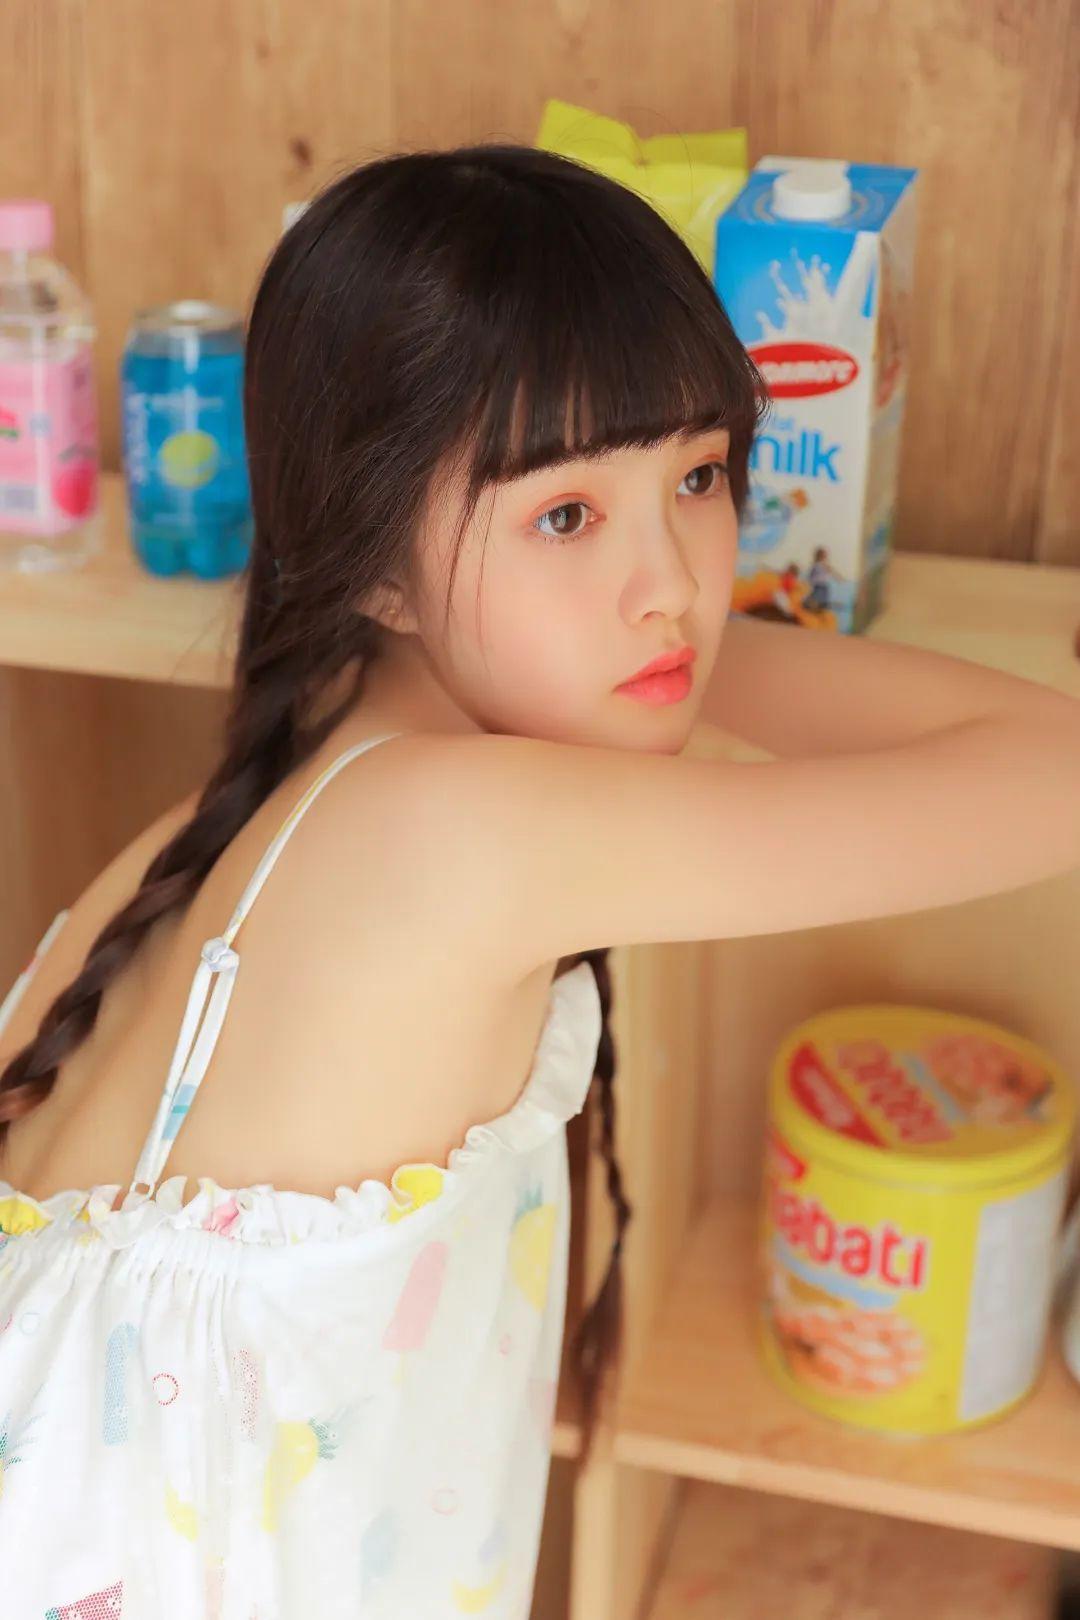 妹子摄影 – 甜美连衣裙双马尾少女吃西瓜_图片 No.13